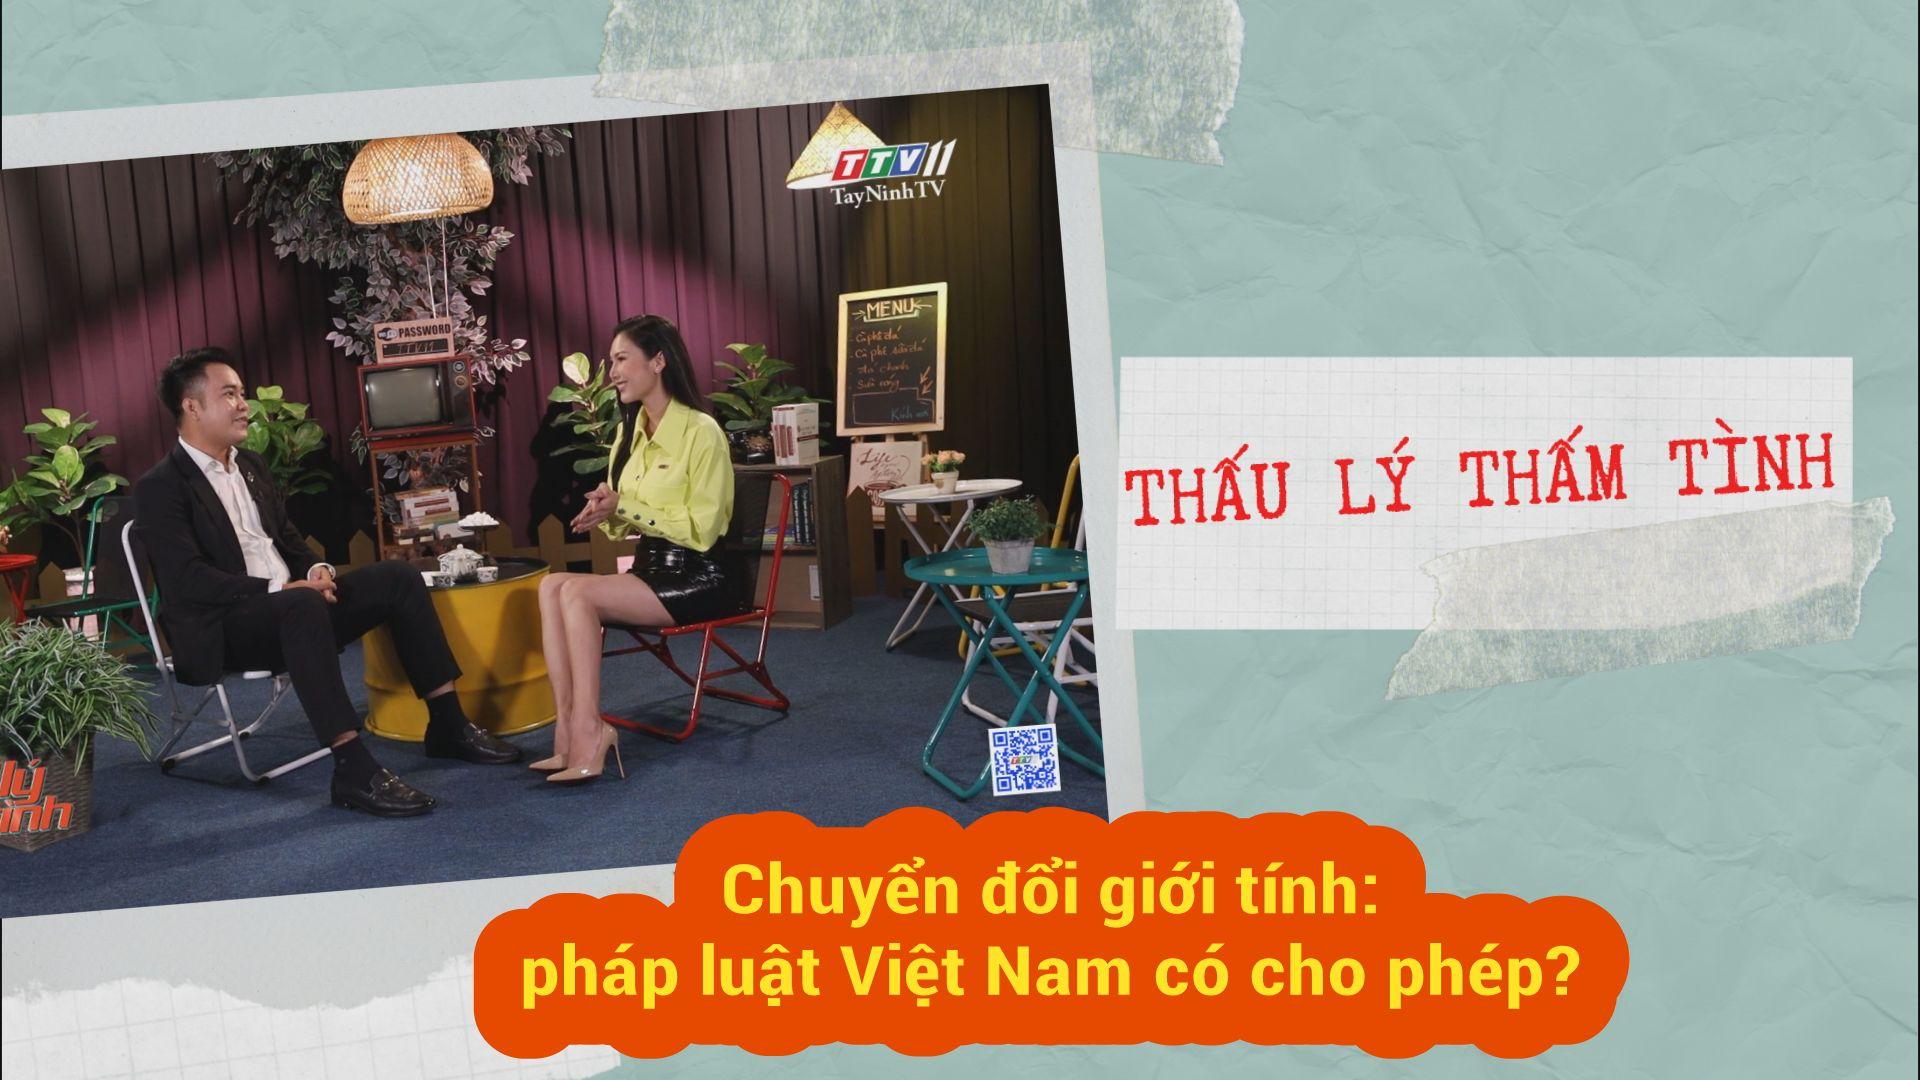 Chuyển đổi giới tính: pháp luật Việt Nam có cho phép? | THẤU LÝ THẤM TÌNH | TayNinhTVE